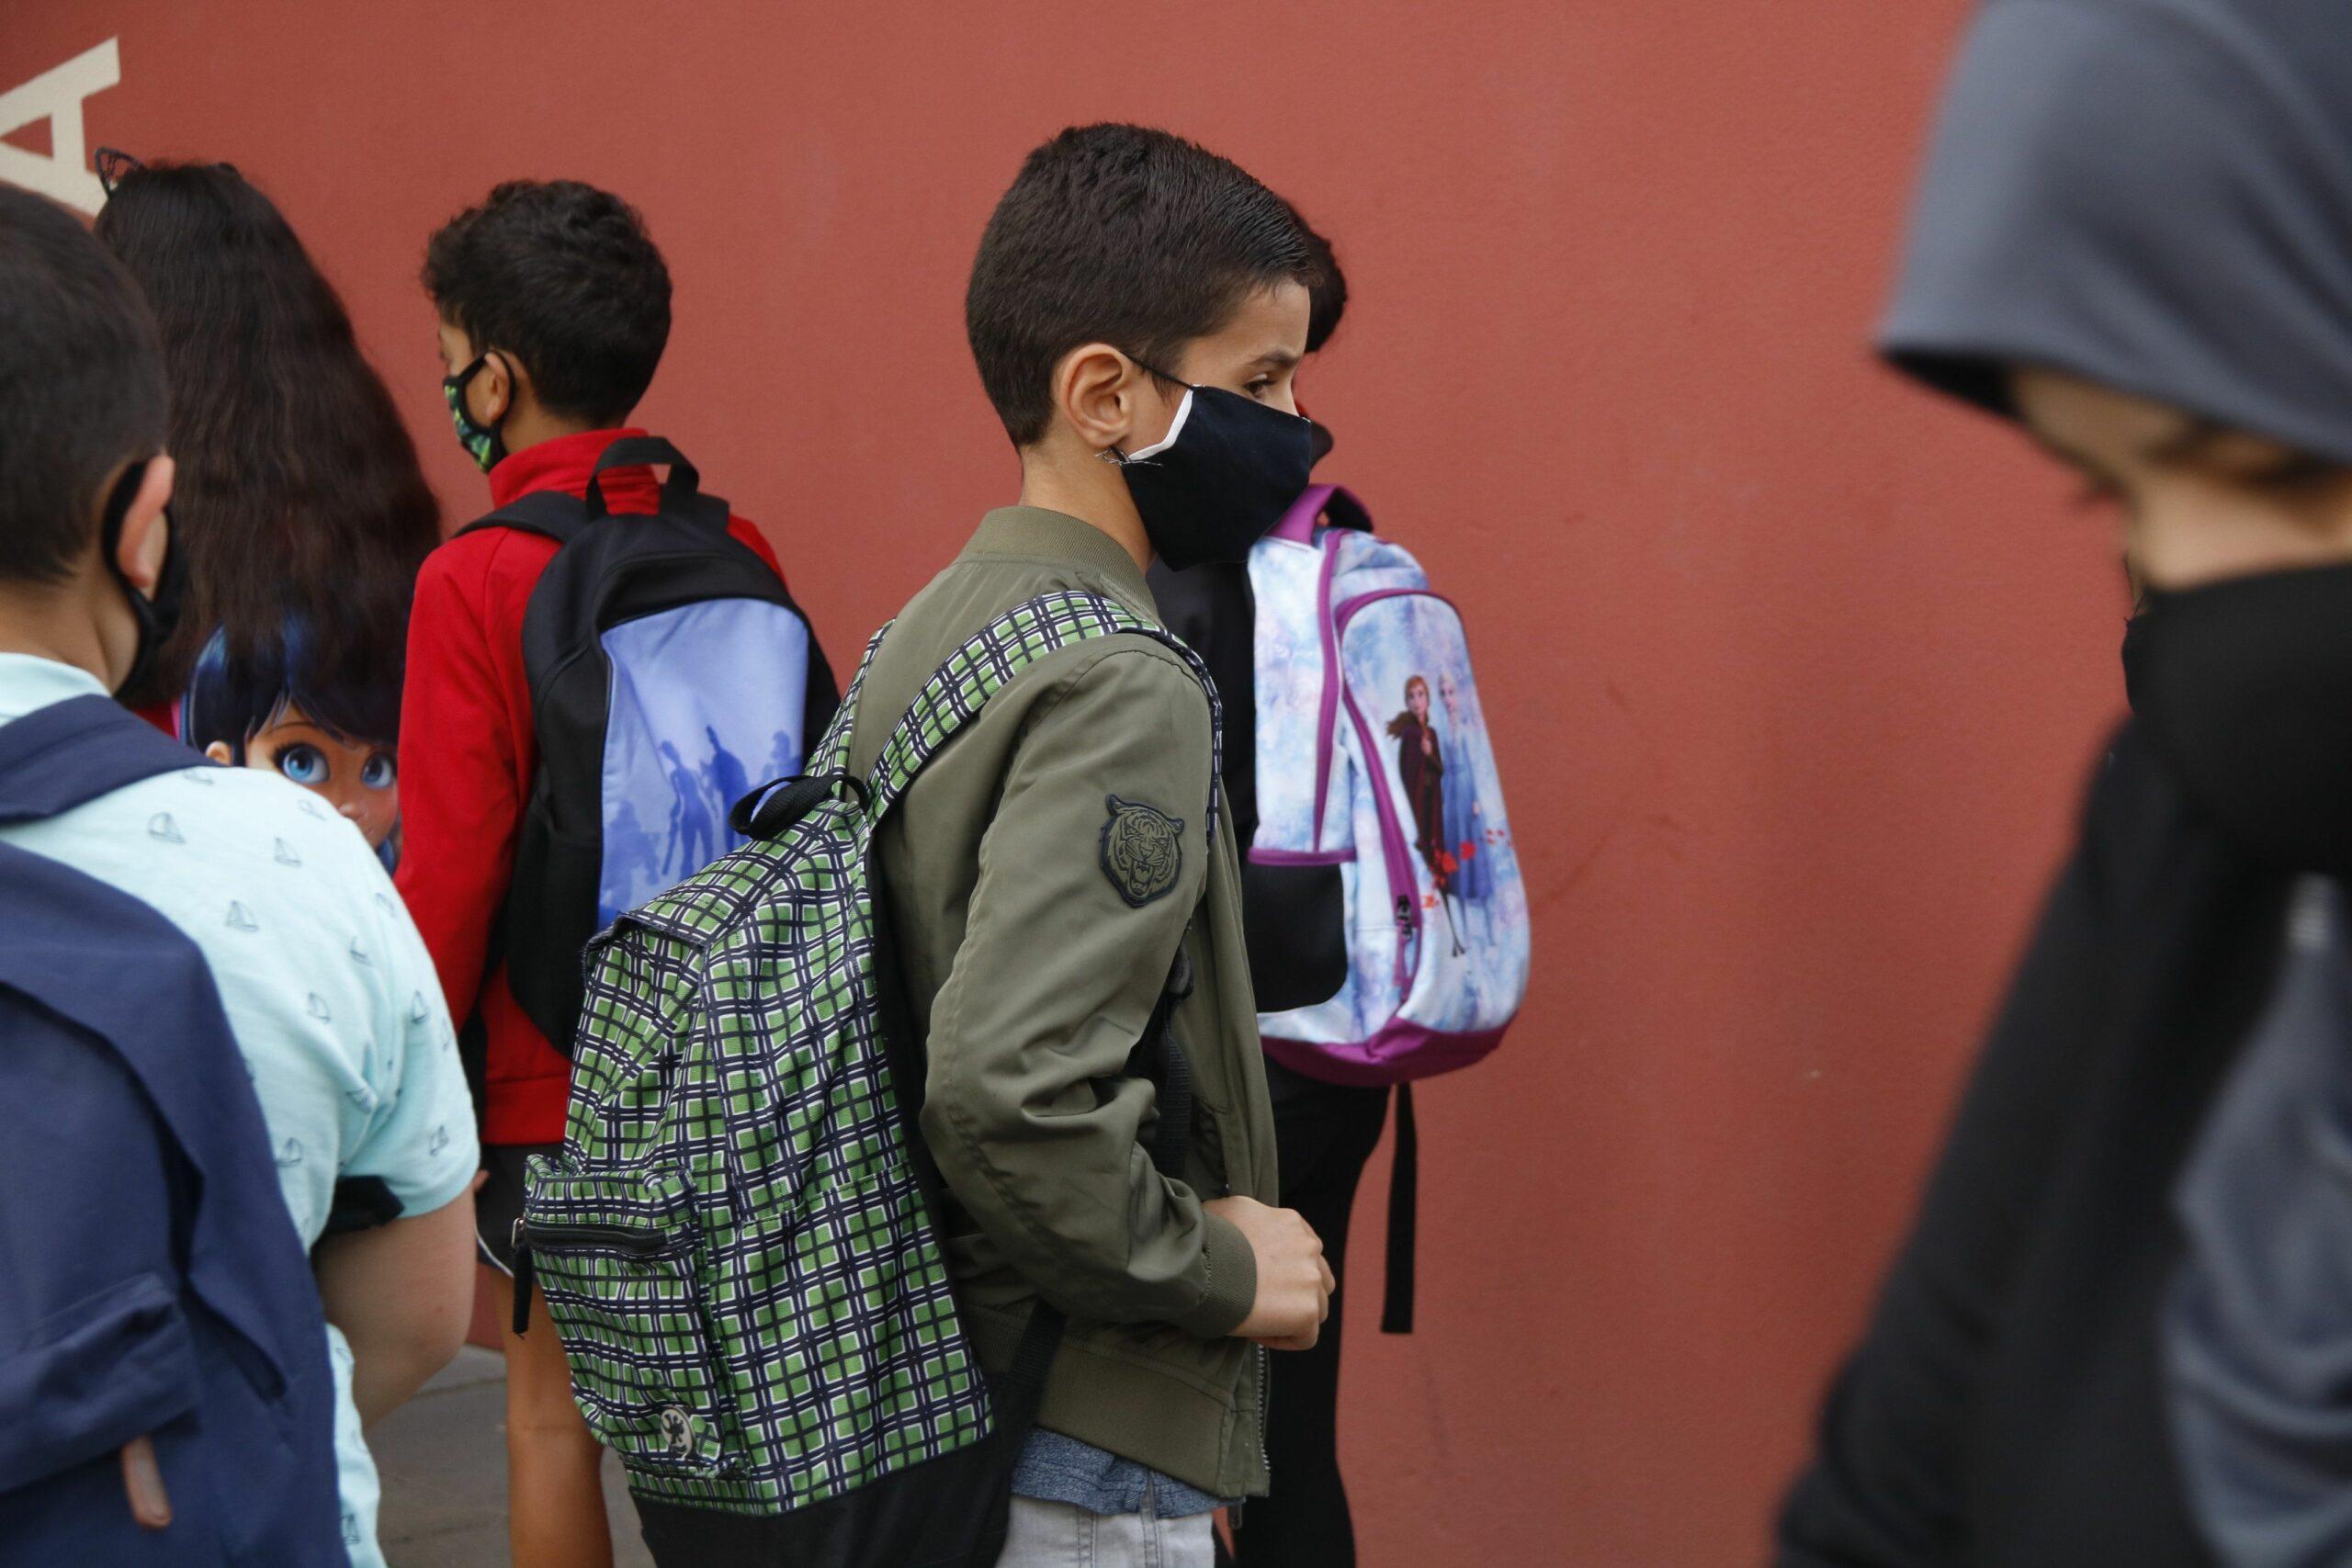 Nens amb mascareta en una escola a Manlleu (ACN)